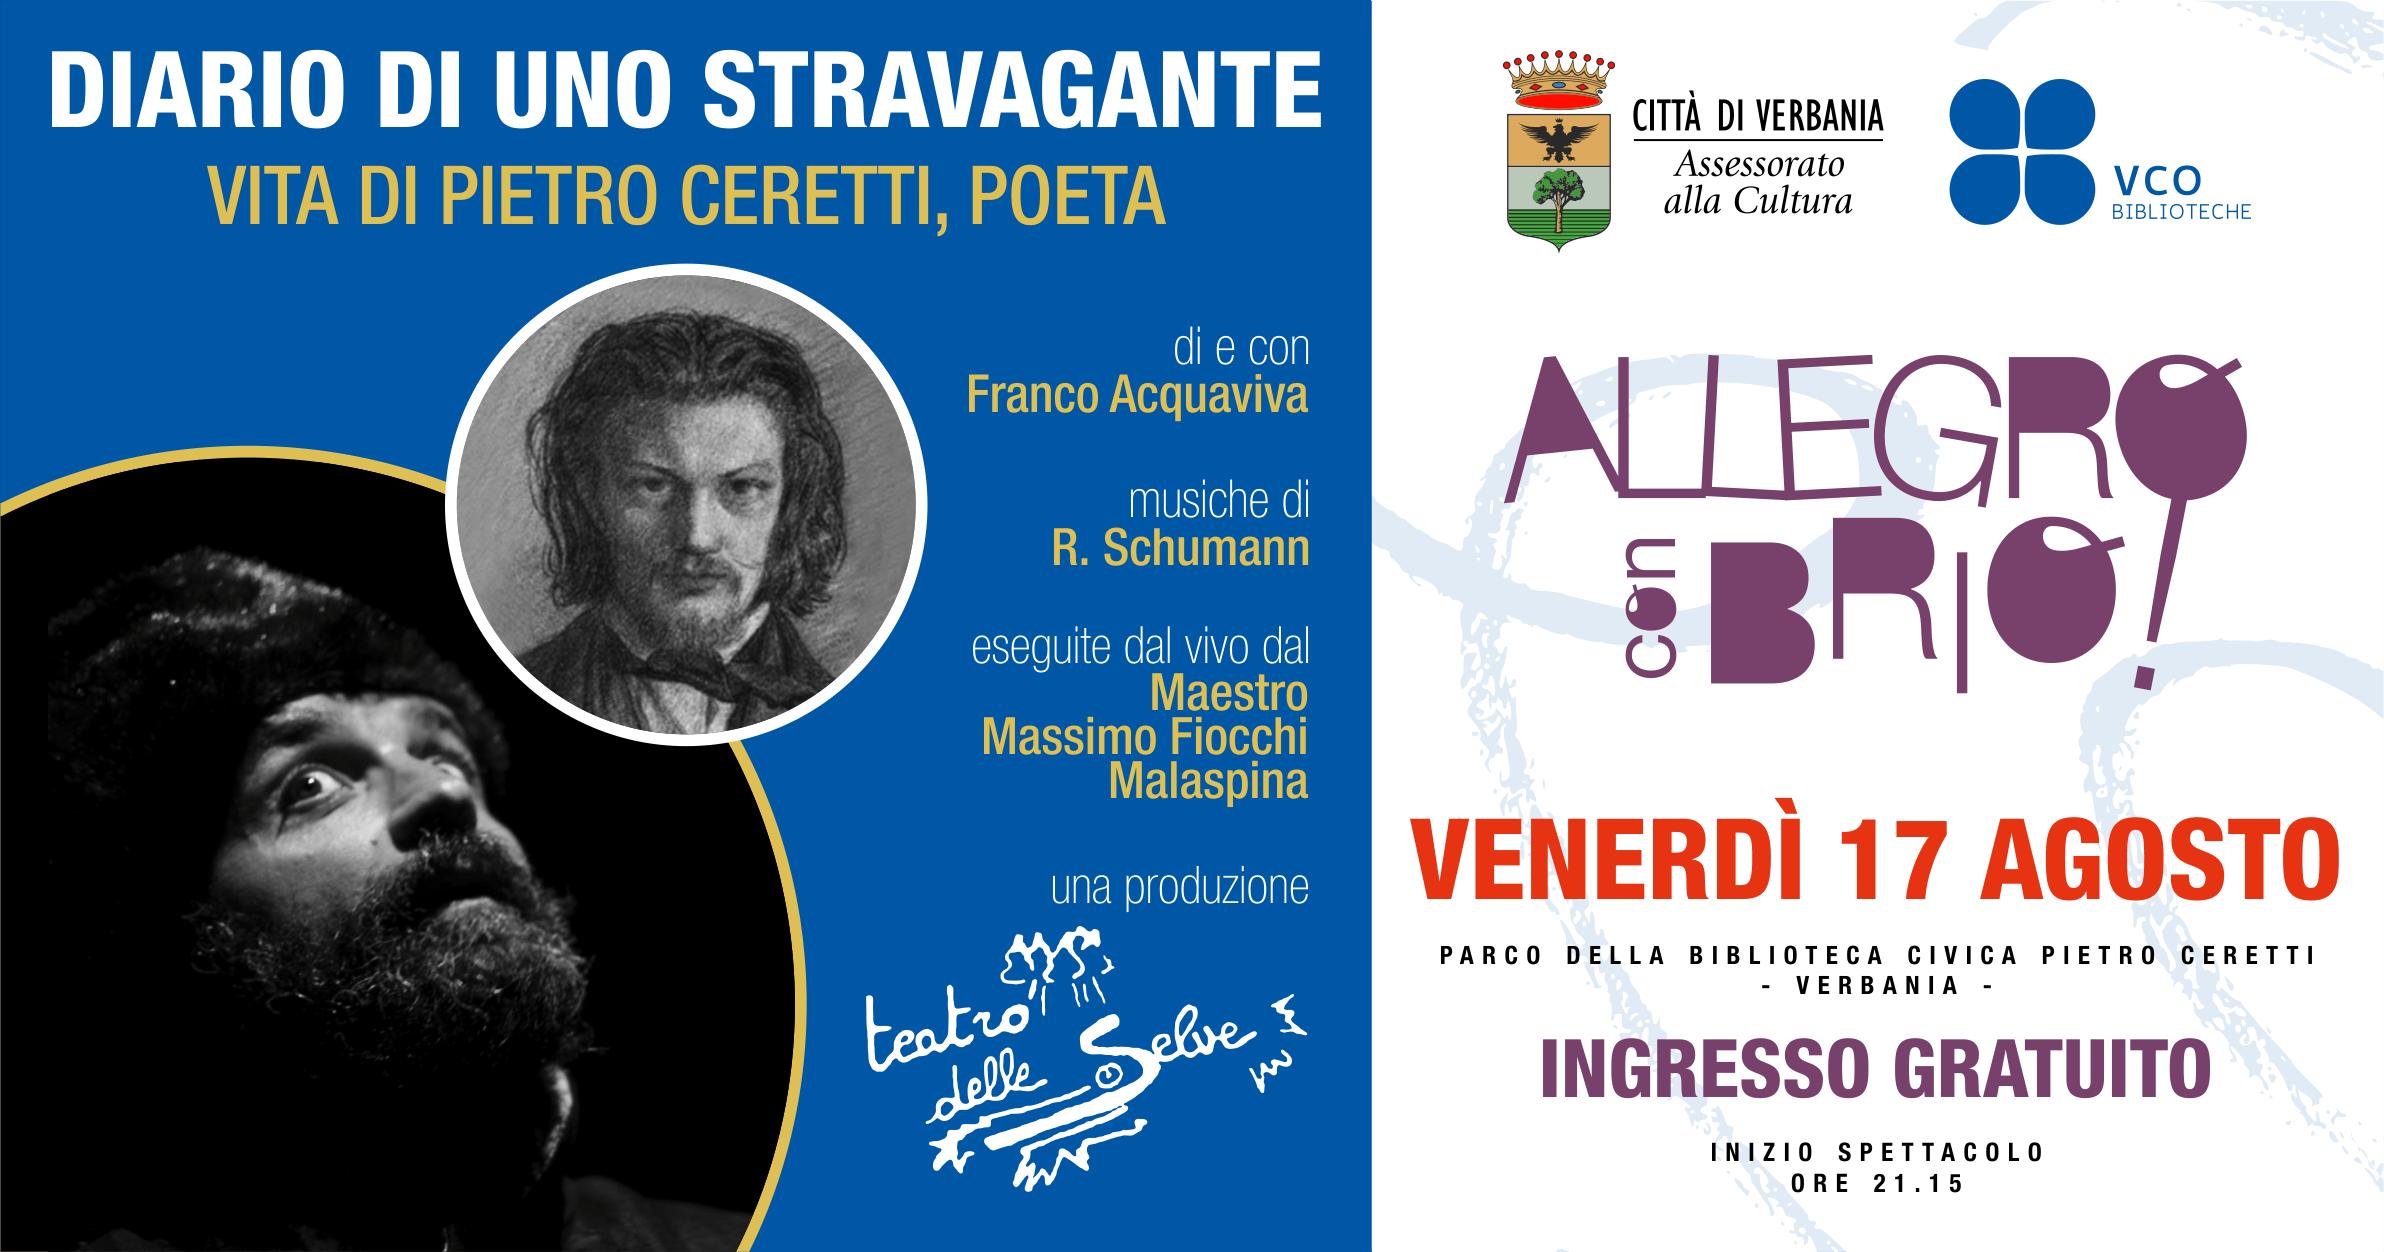 DIARIO DI UNO STRAVAGANTE - Vita di Pietro Ceretti #AllegroConBrio2018 @Verbania